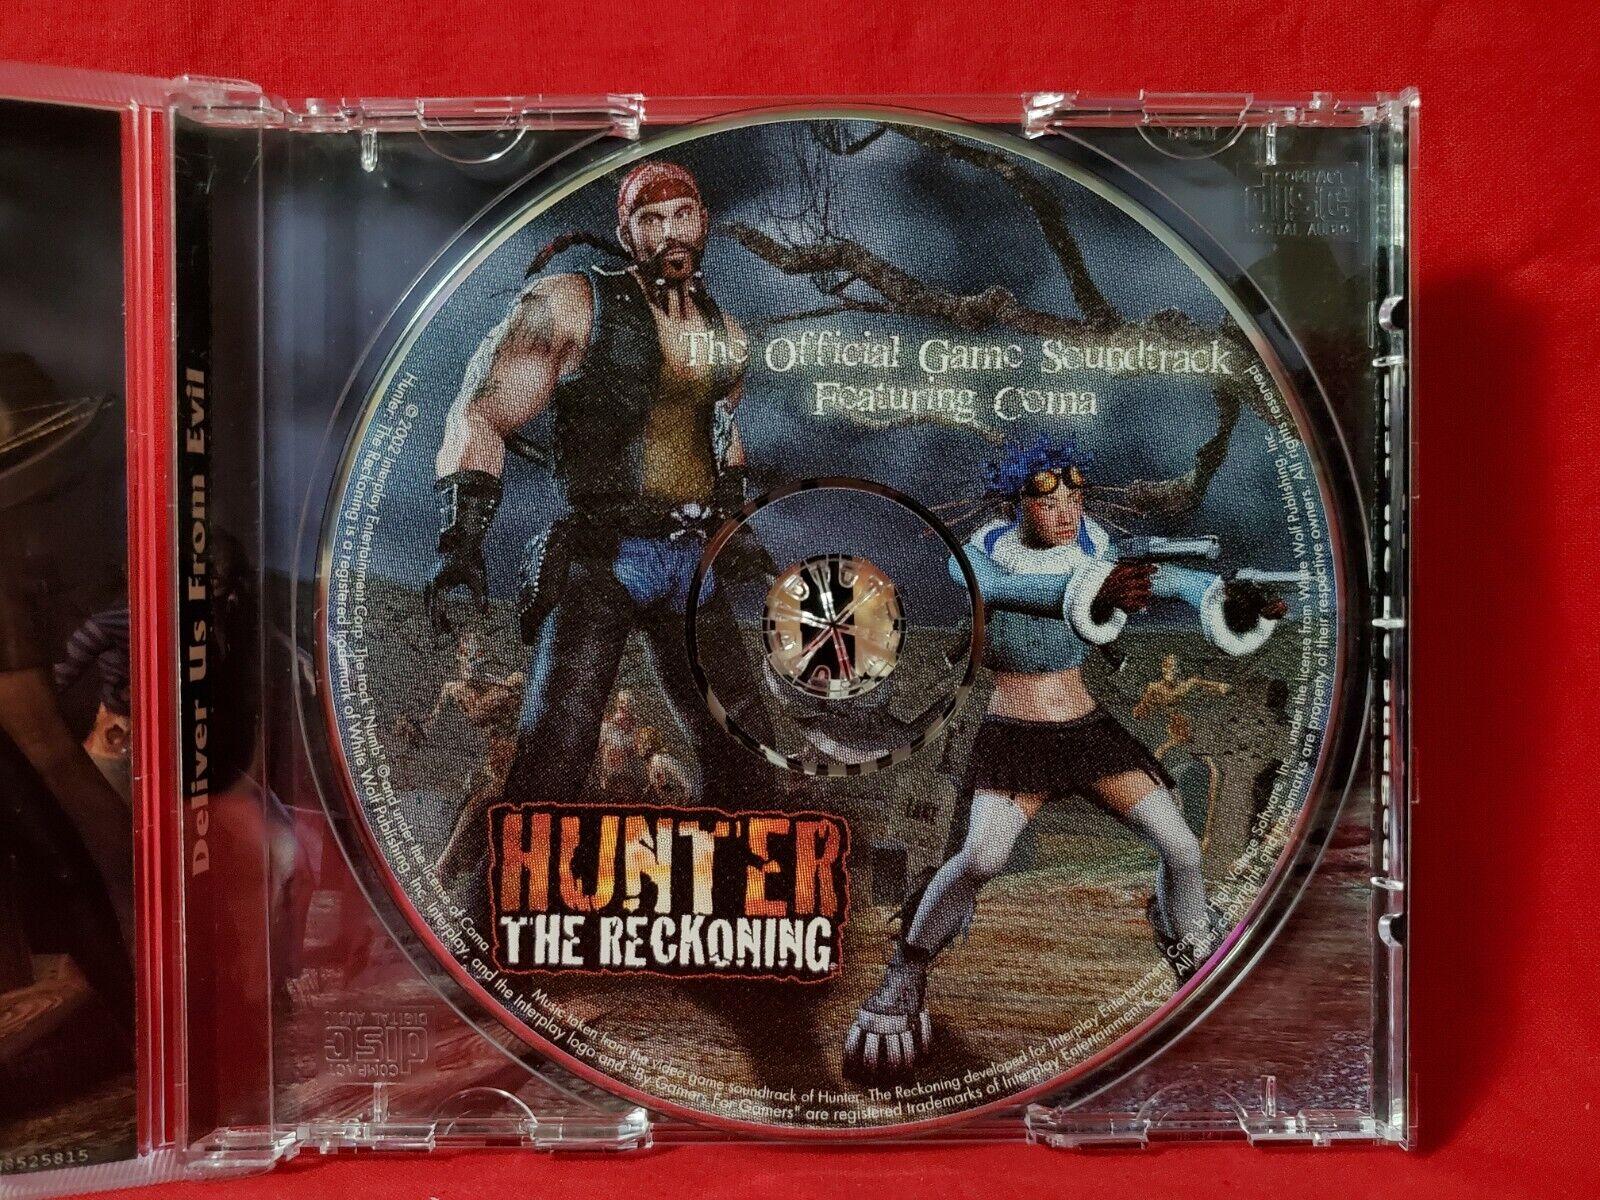 Hunter The Reckoning 2002 Soundtrack CD - $34.98